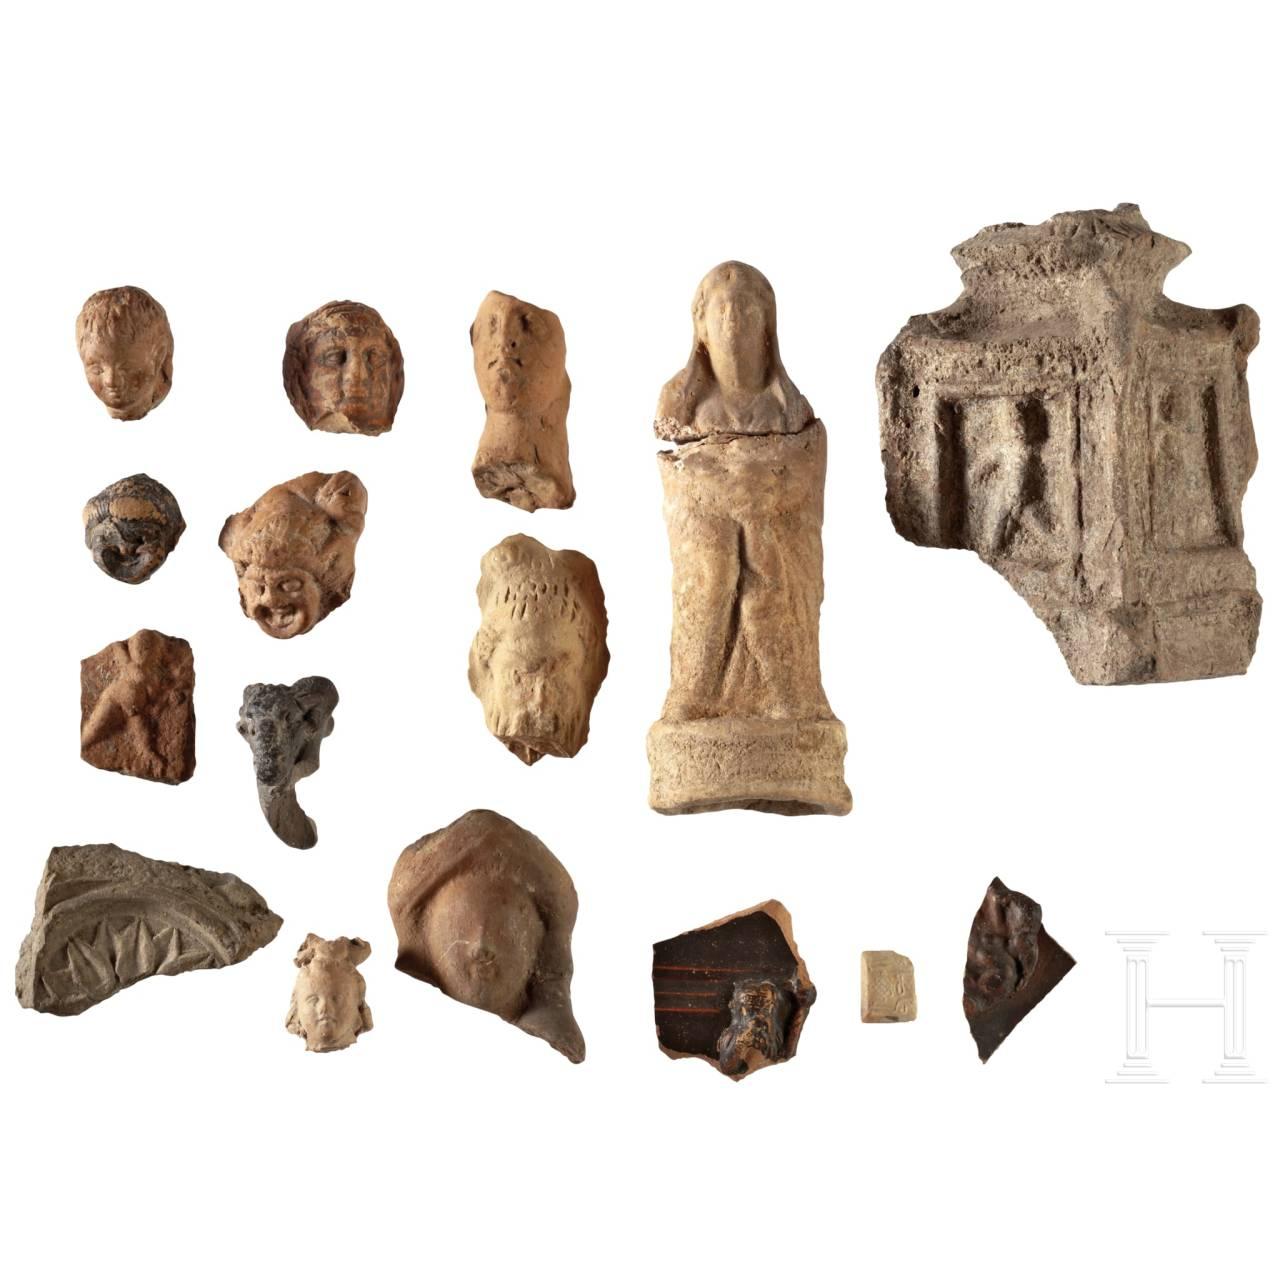 Sammlung von Figurenfragmenten, römisch und griechisch, 4. Jhdt. v. Chr - 3. Jhdt. n. Chr.